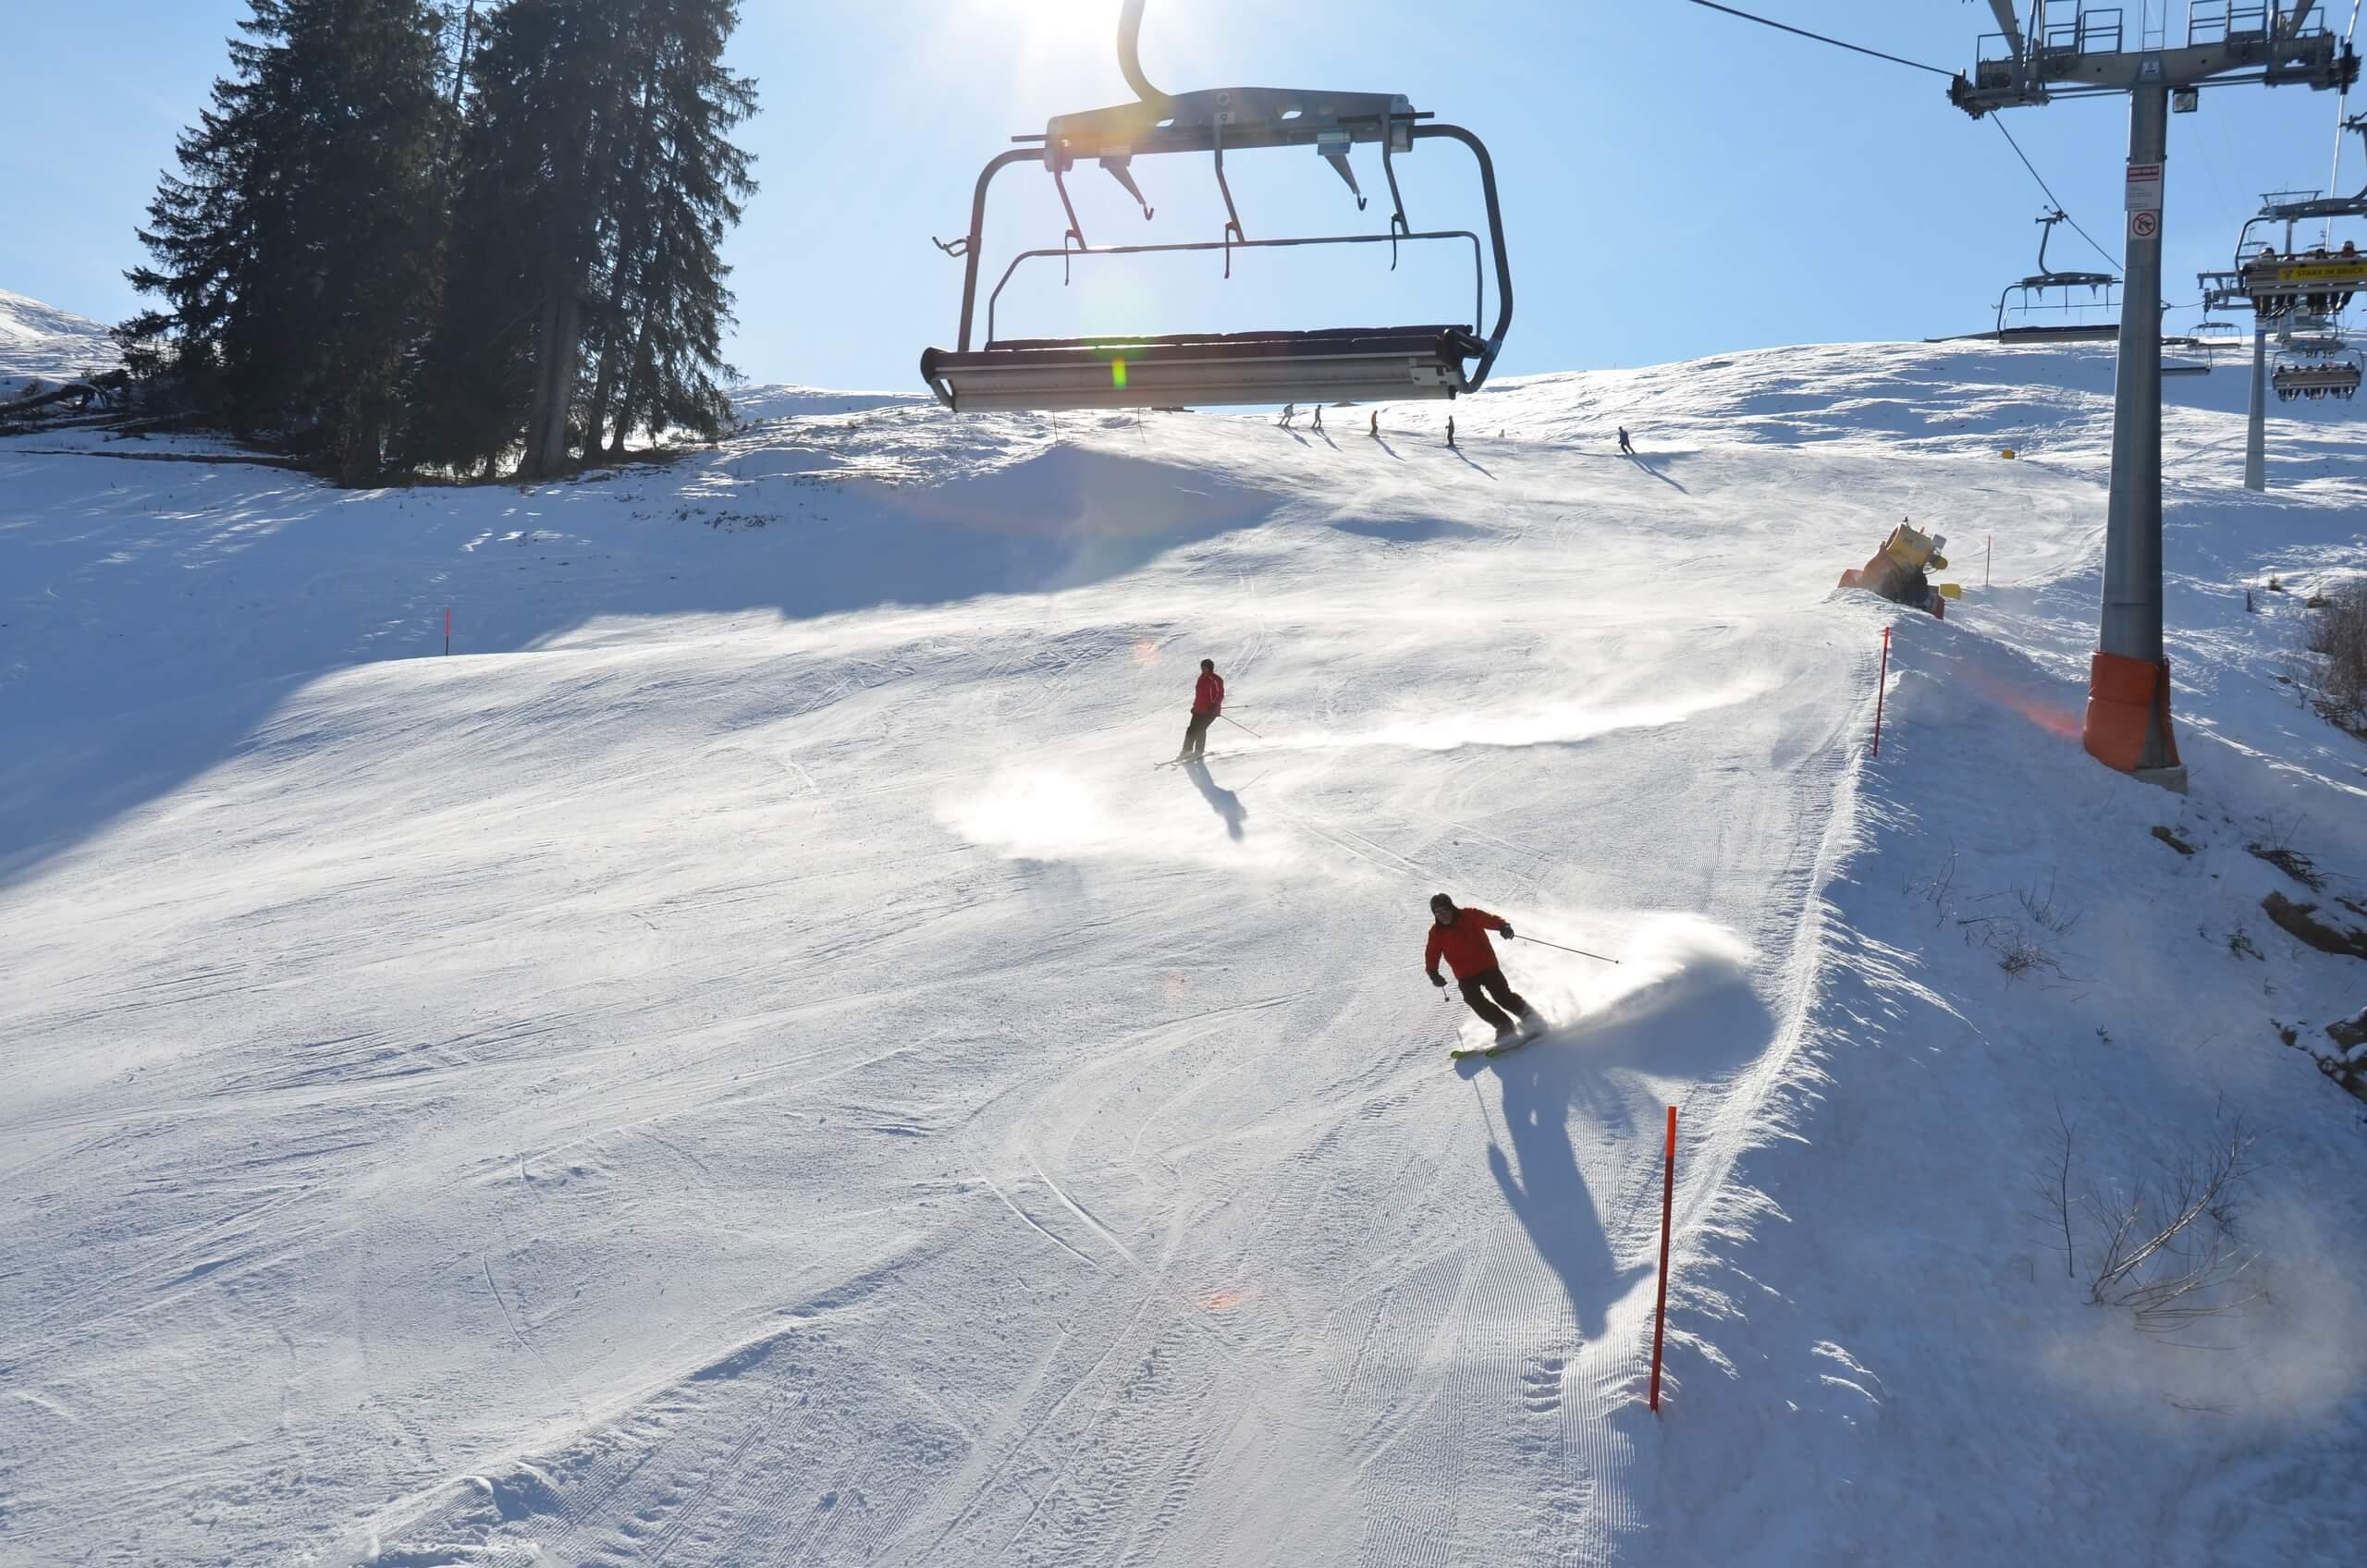 wiriehorn-schnee-skifahren-winter-sessellift-winter